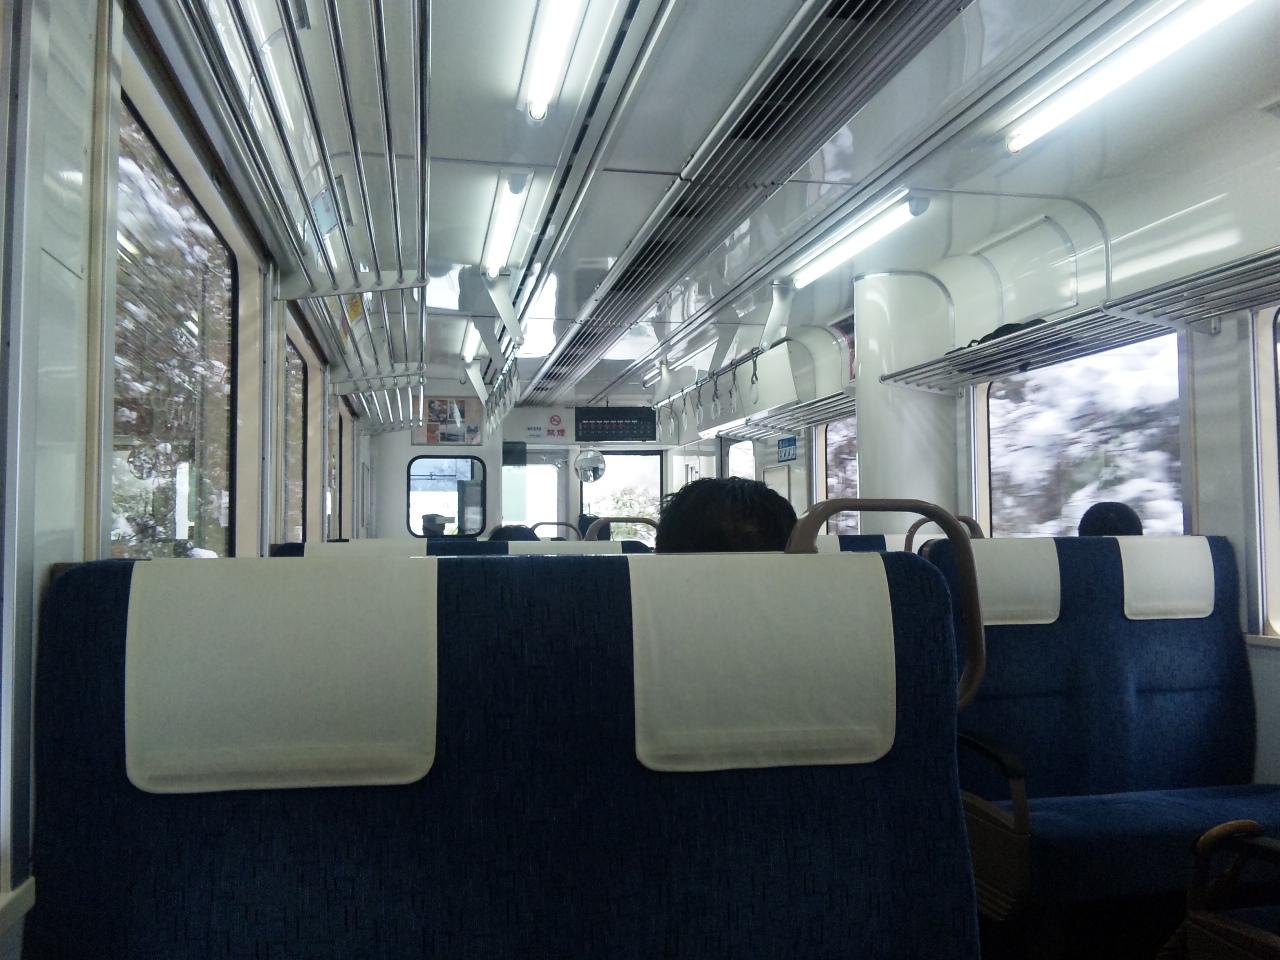 ぶらり「のと鉄道」の旅